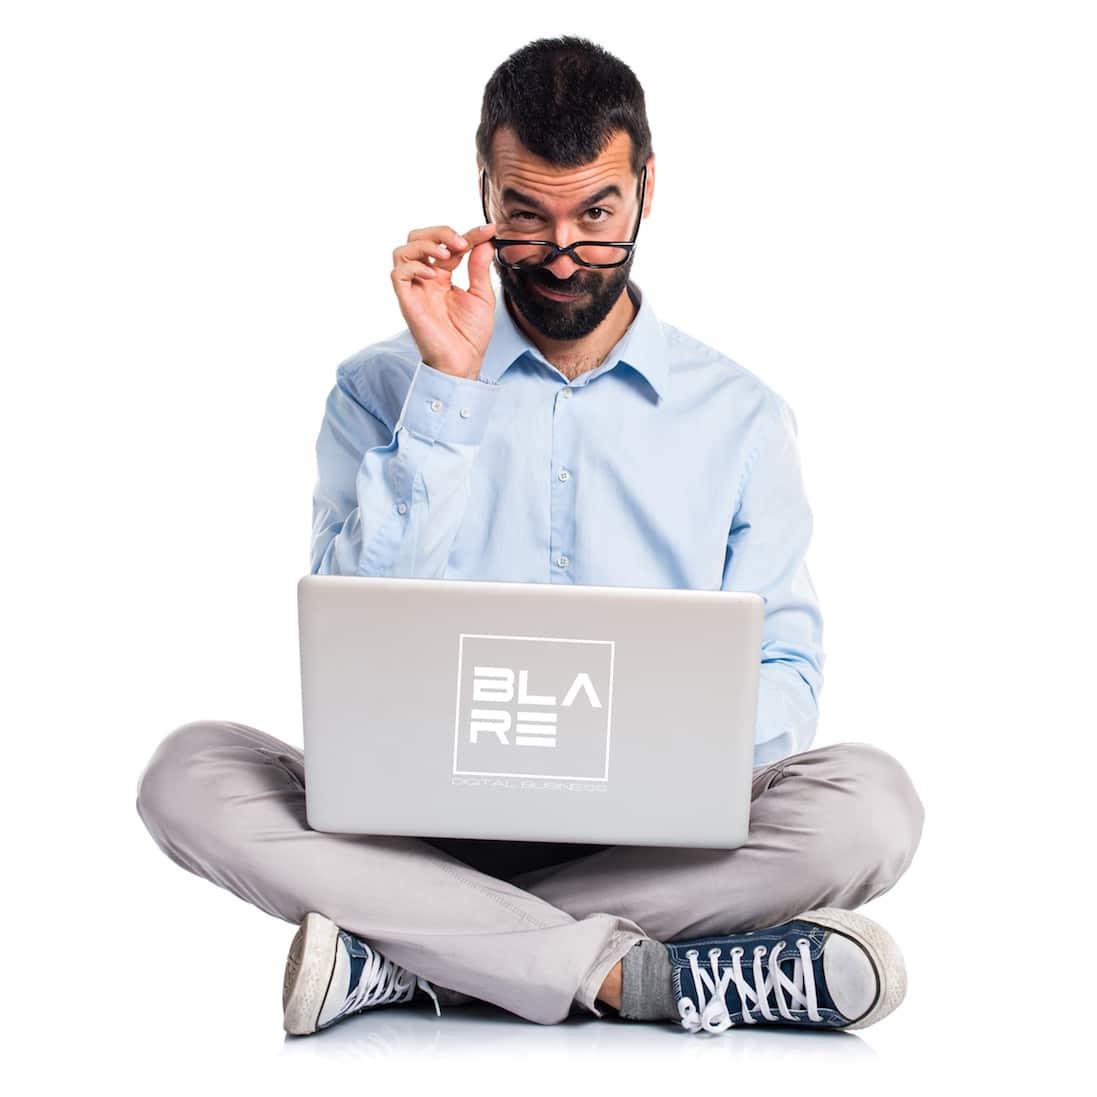 Kostenguenstige Website von blaredigitalbusiness erstellen lassen.